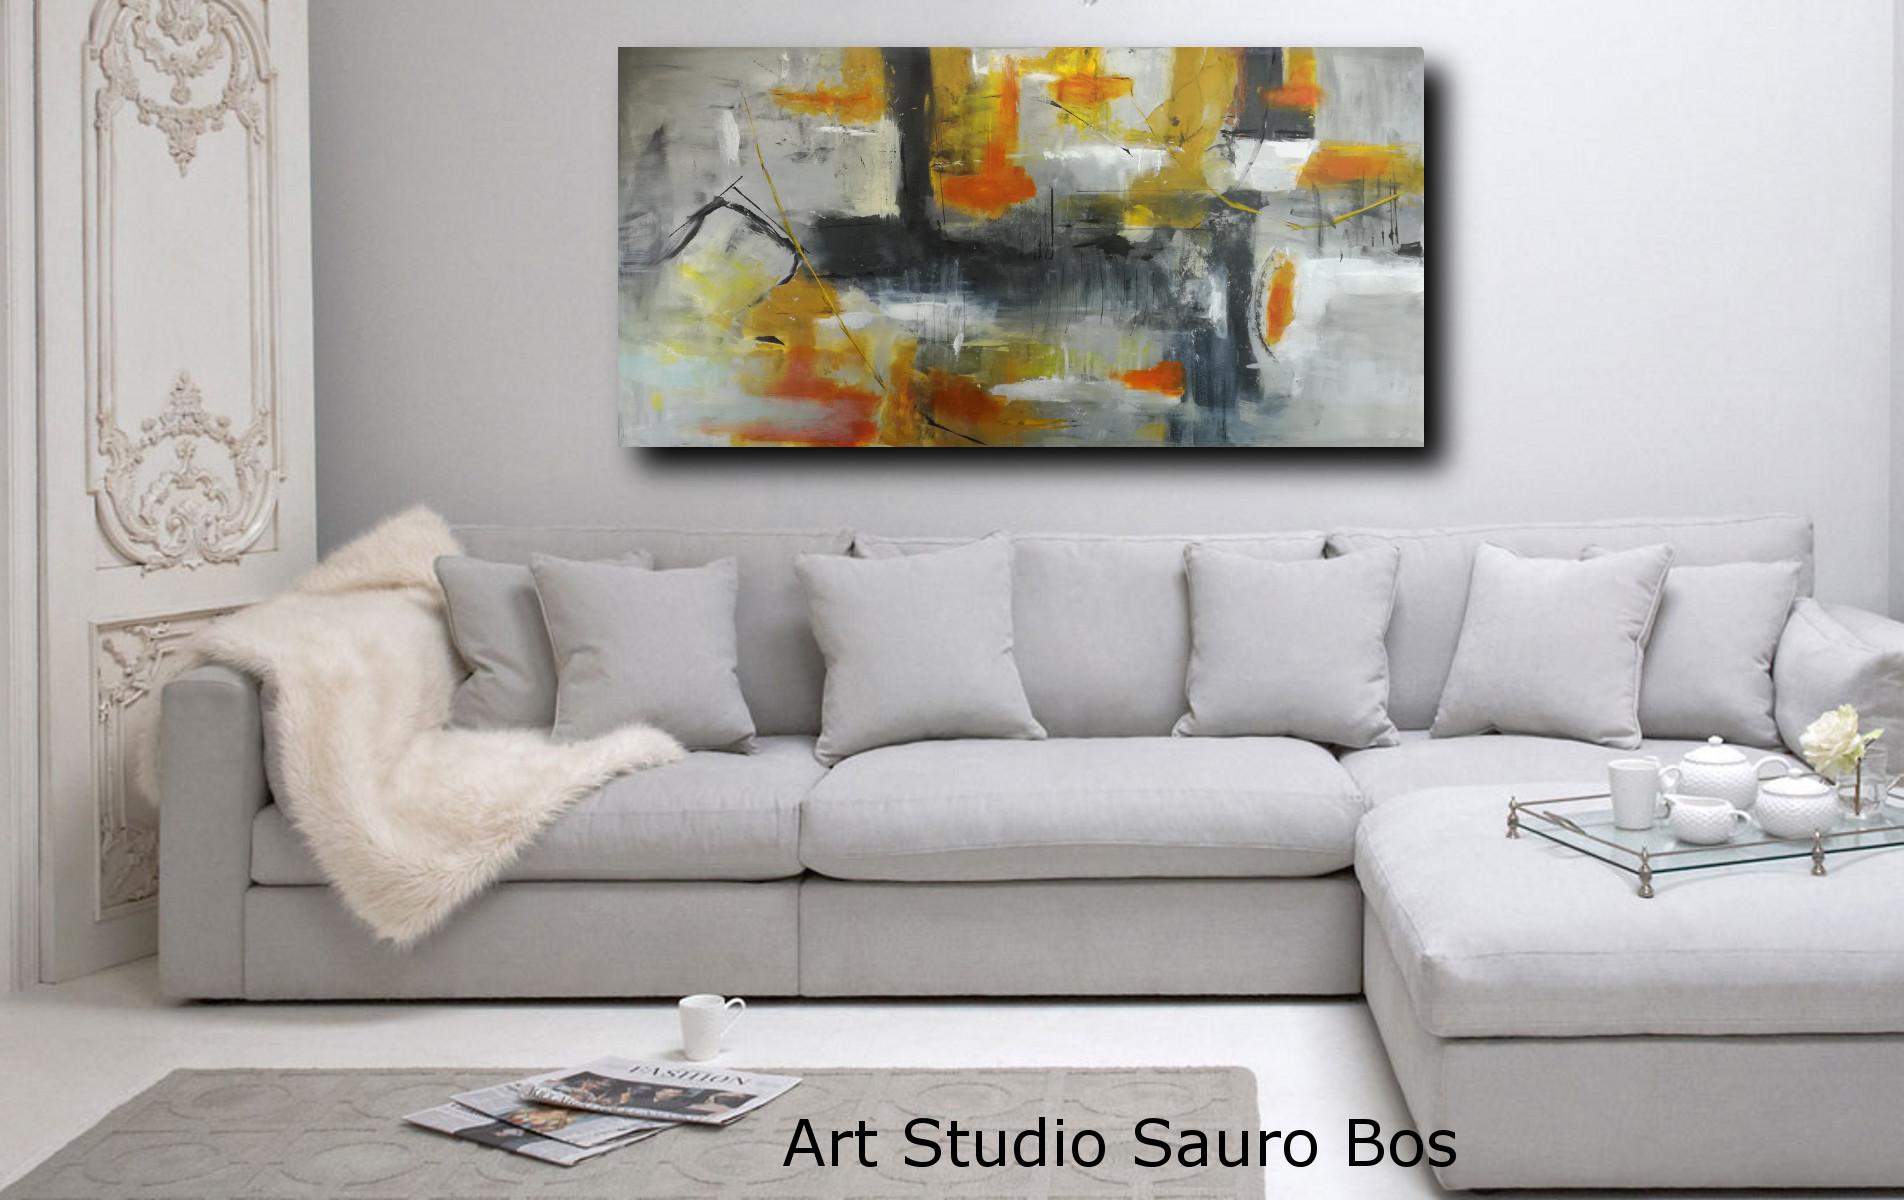 quadri per salotto grandi dimensioni 180x90 | sauro bos